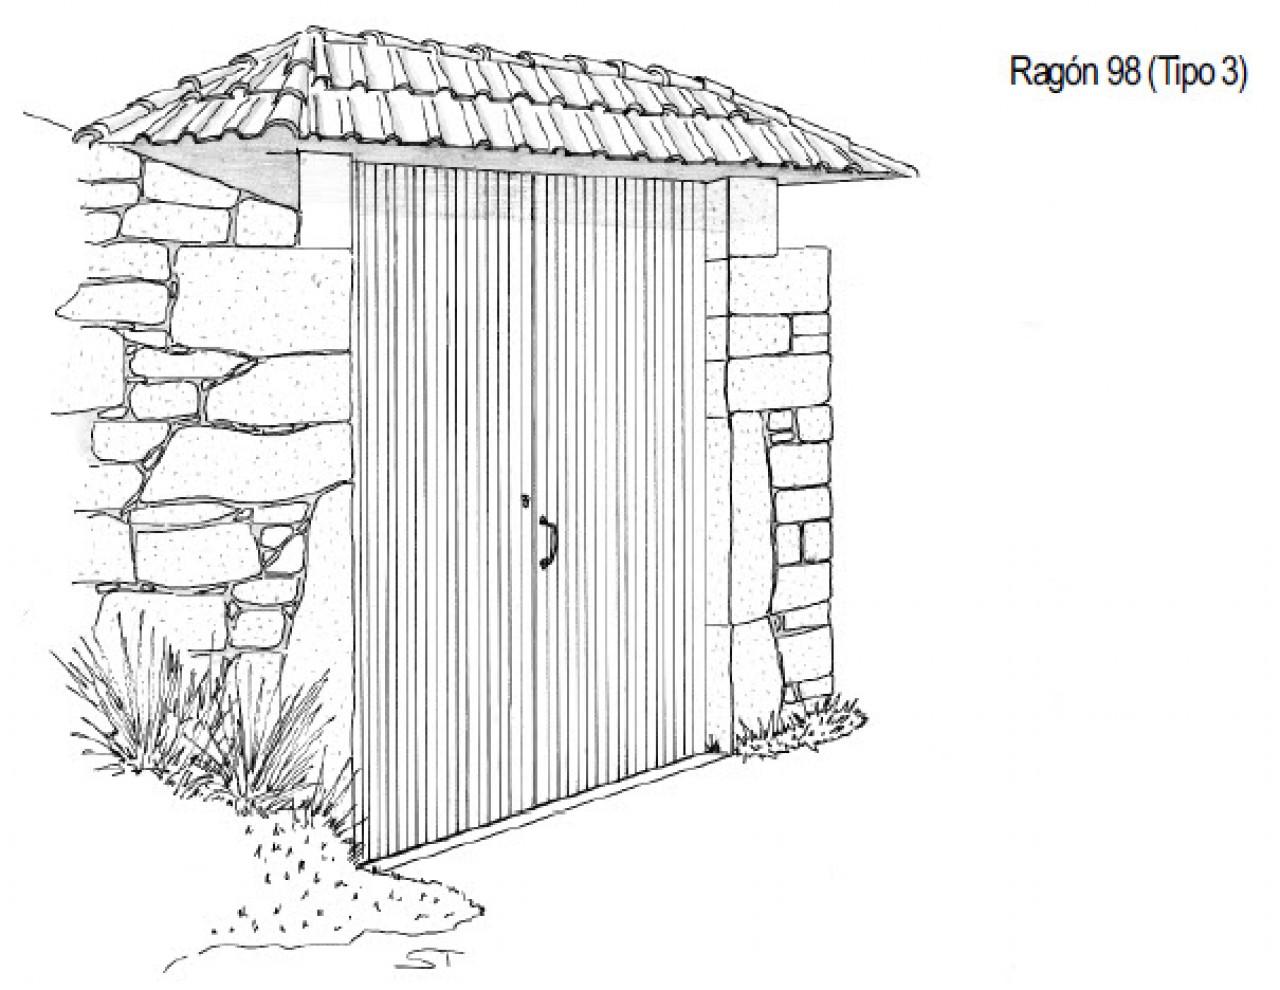 portalon-tipo-3-ragon-98-covas